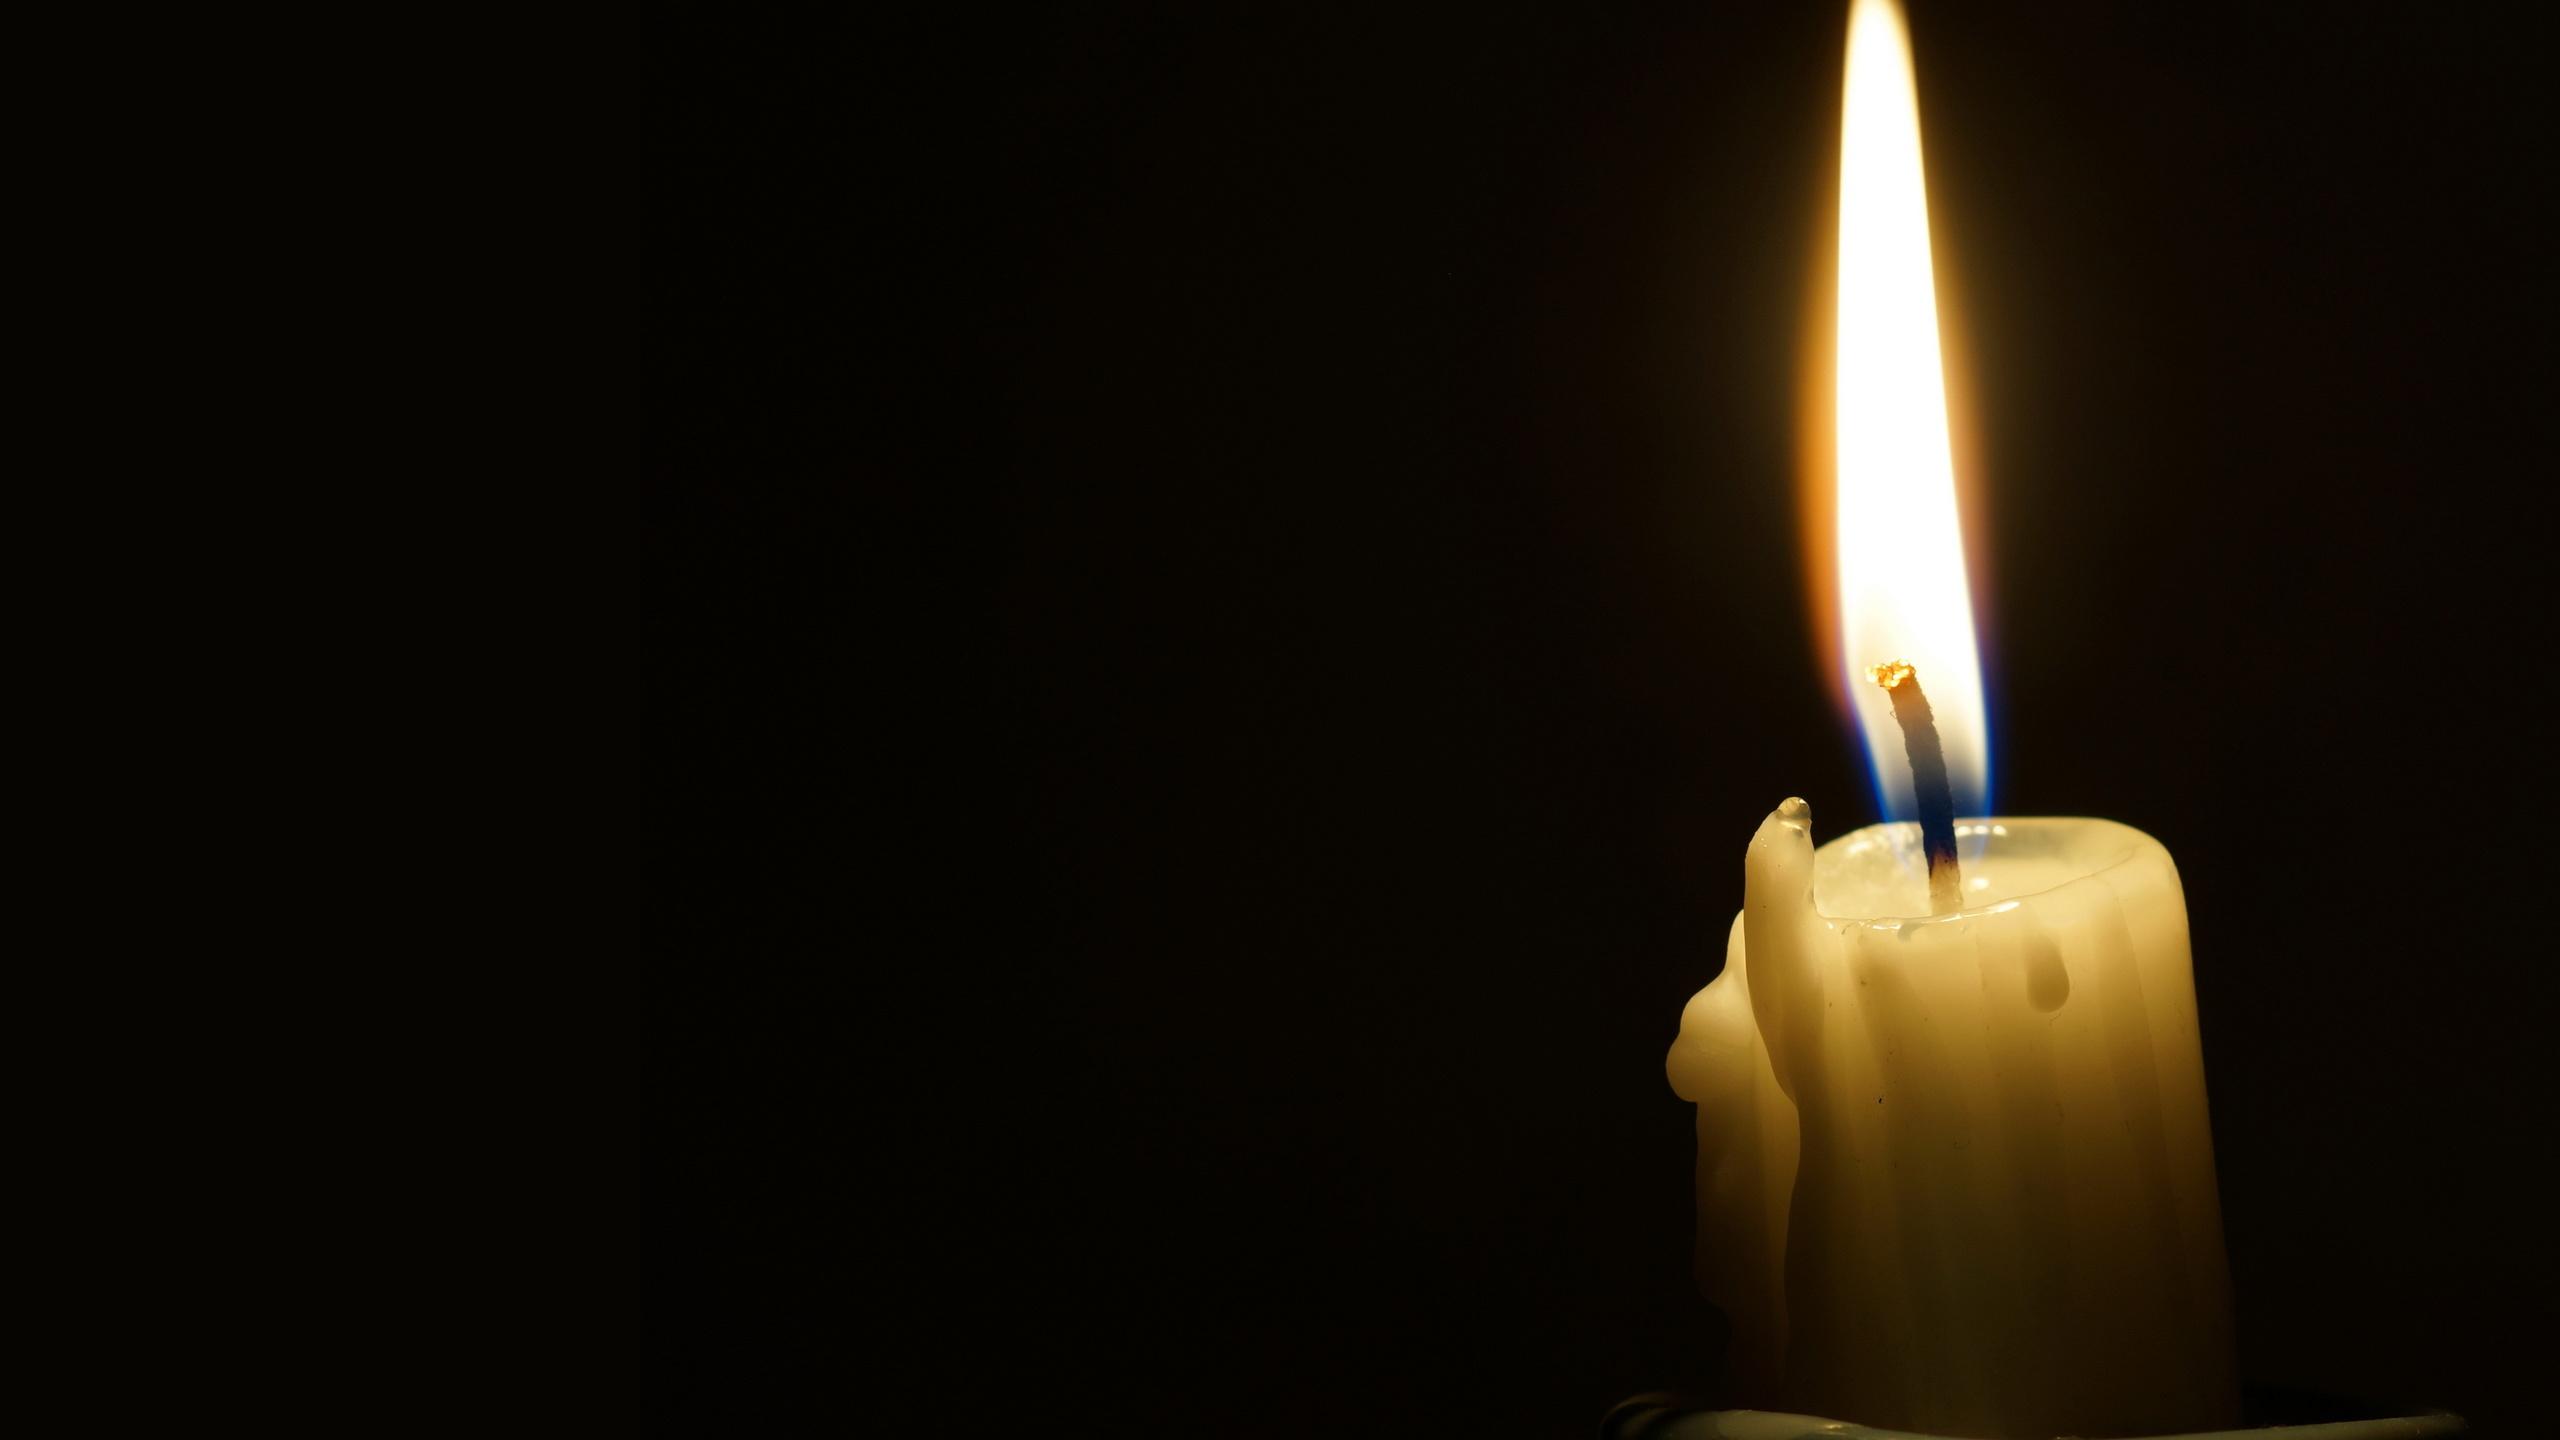 свеча, пламя, огонь, чёрный, фон, минимализм